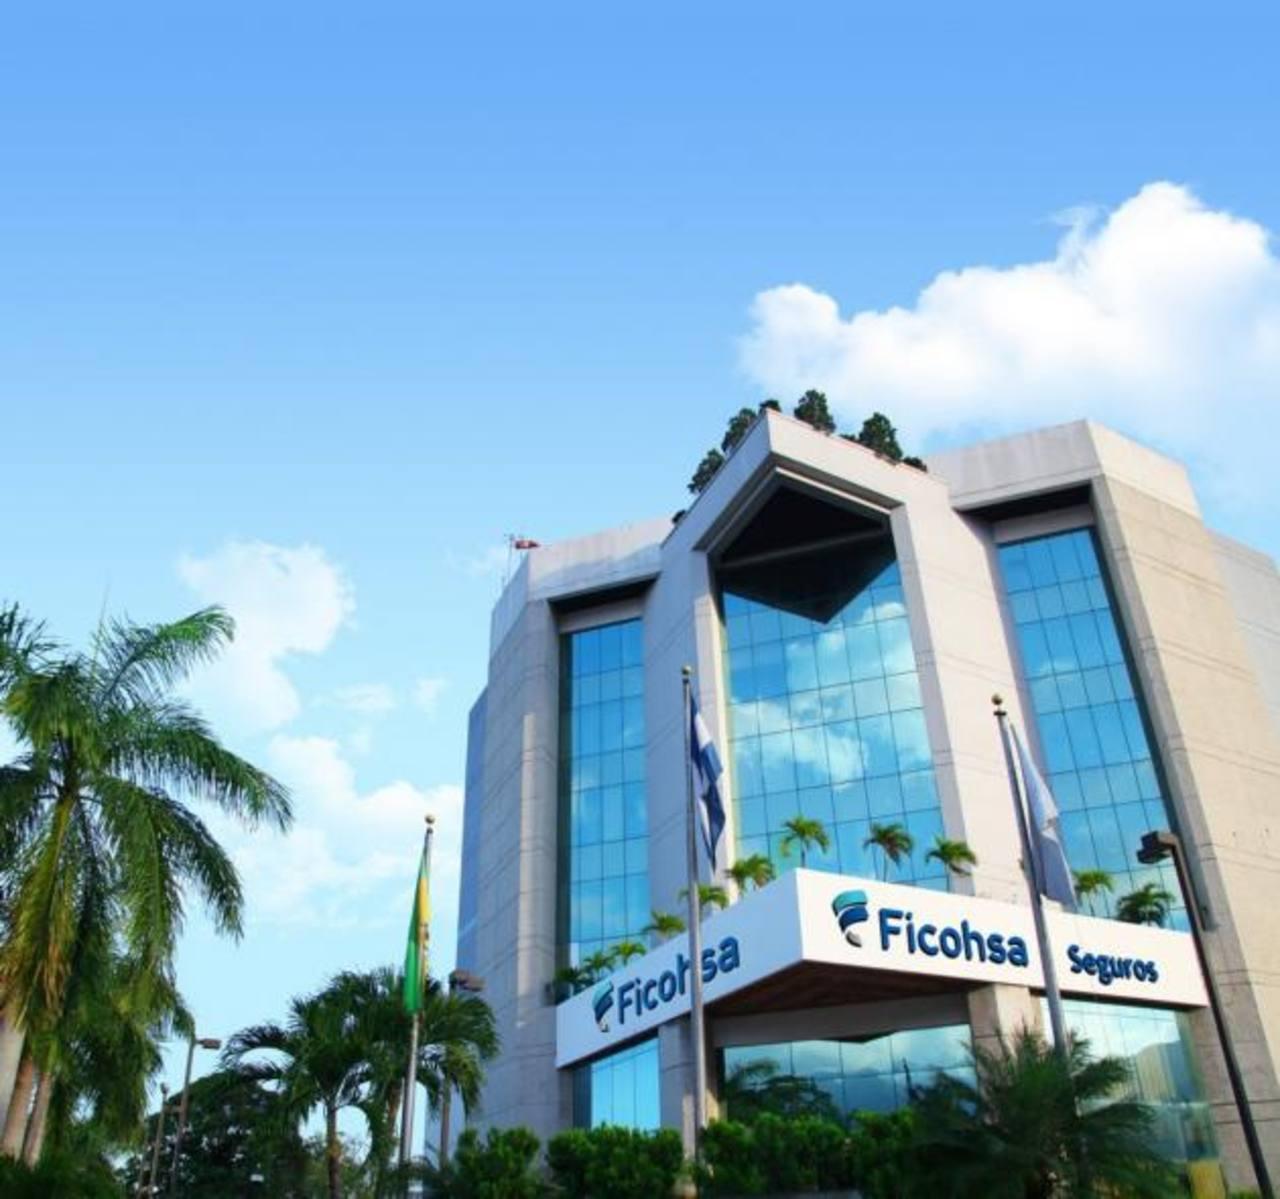 Ficohsa es el grupo financiero más grande de Honduras.